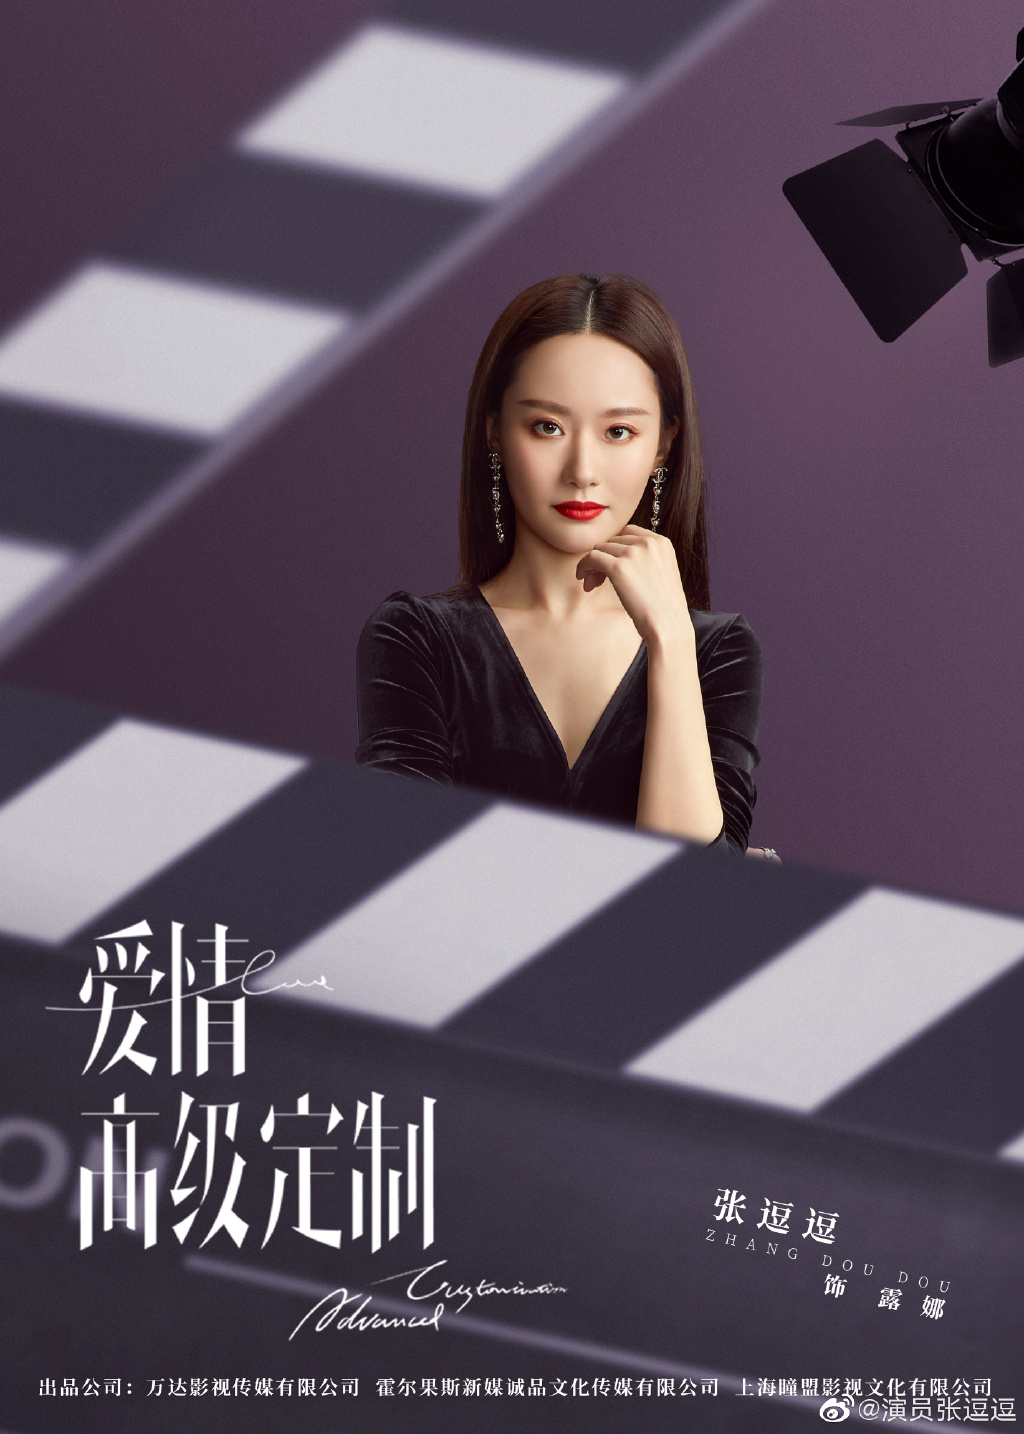 Zhang Dou Dou